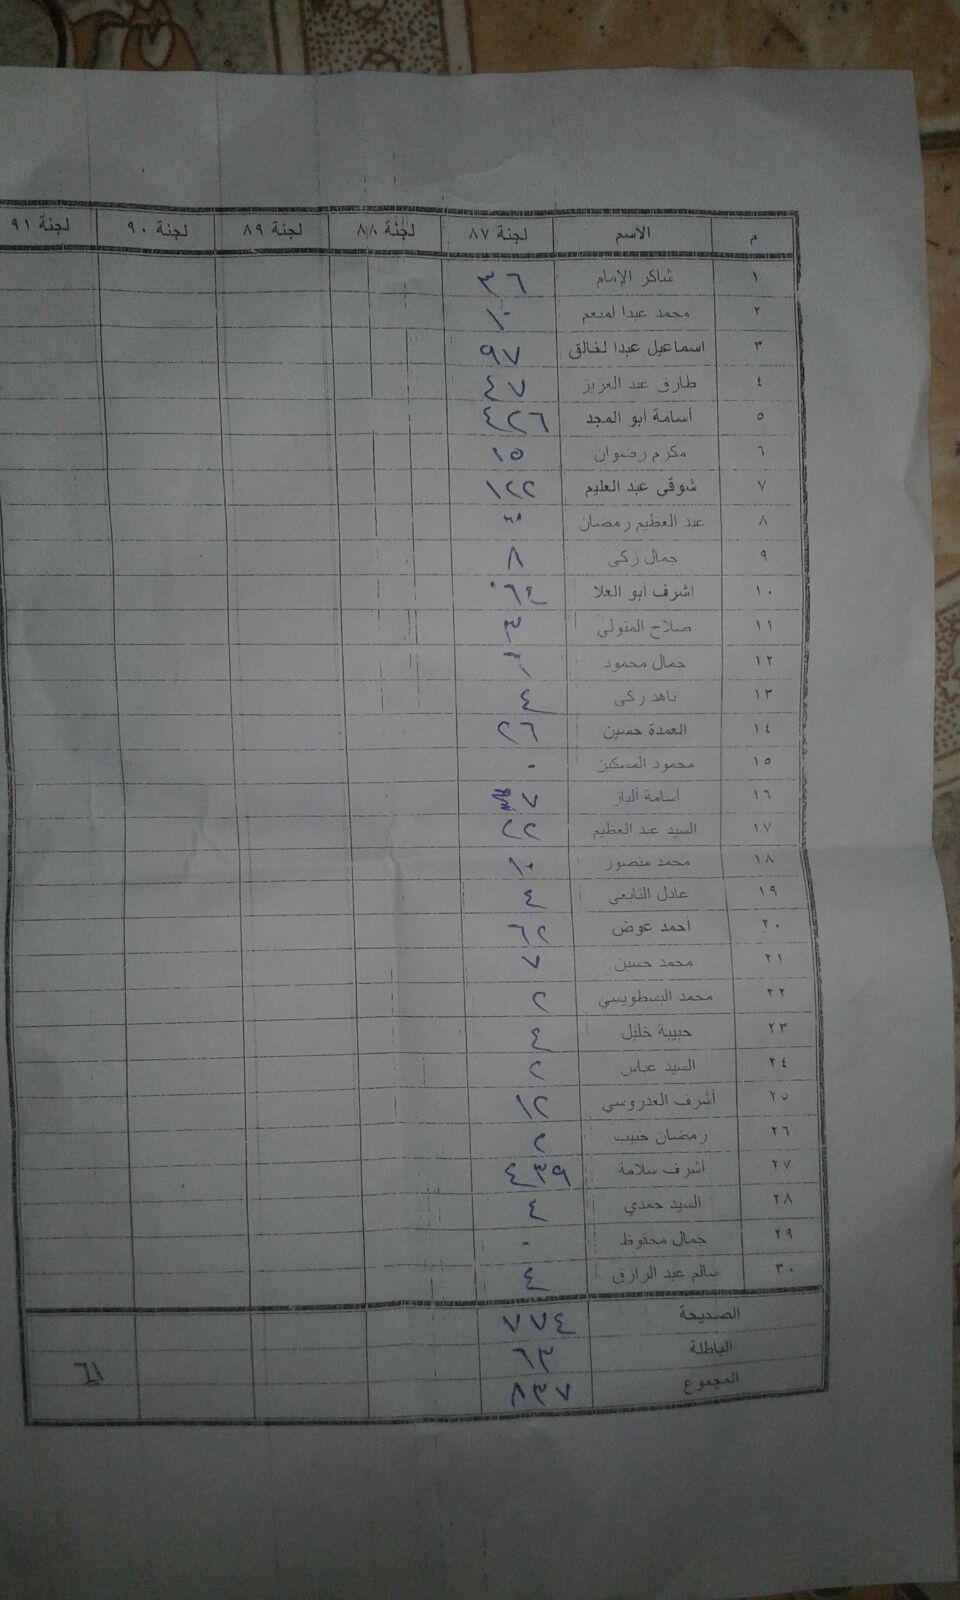 نتائج فرز أصوات لجنة 91 بإحدى مدارس دائرة دكرنس وبني عبيد